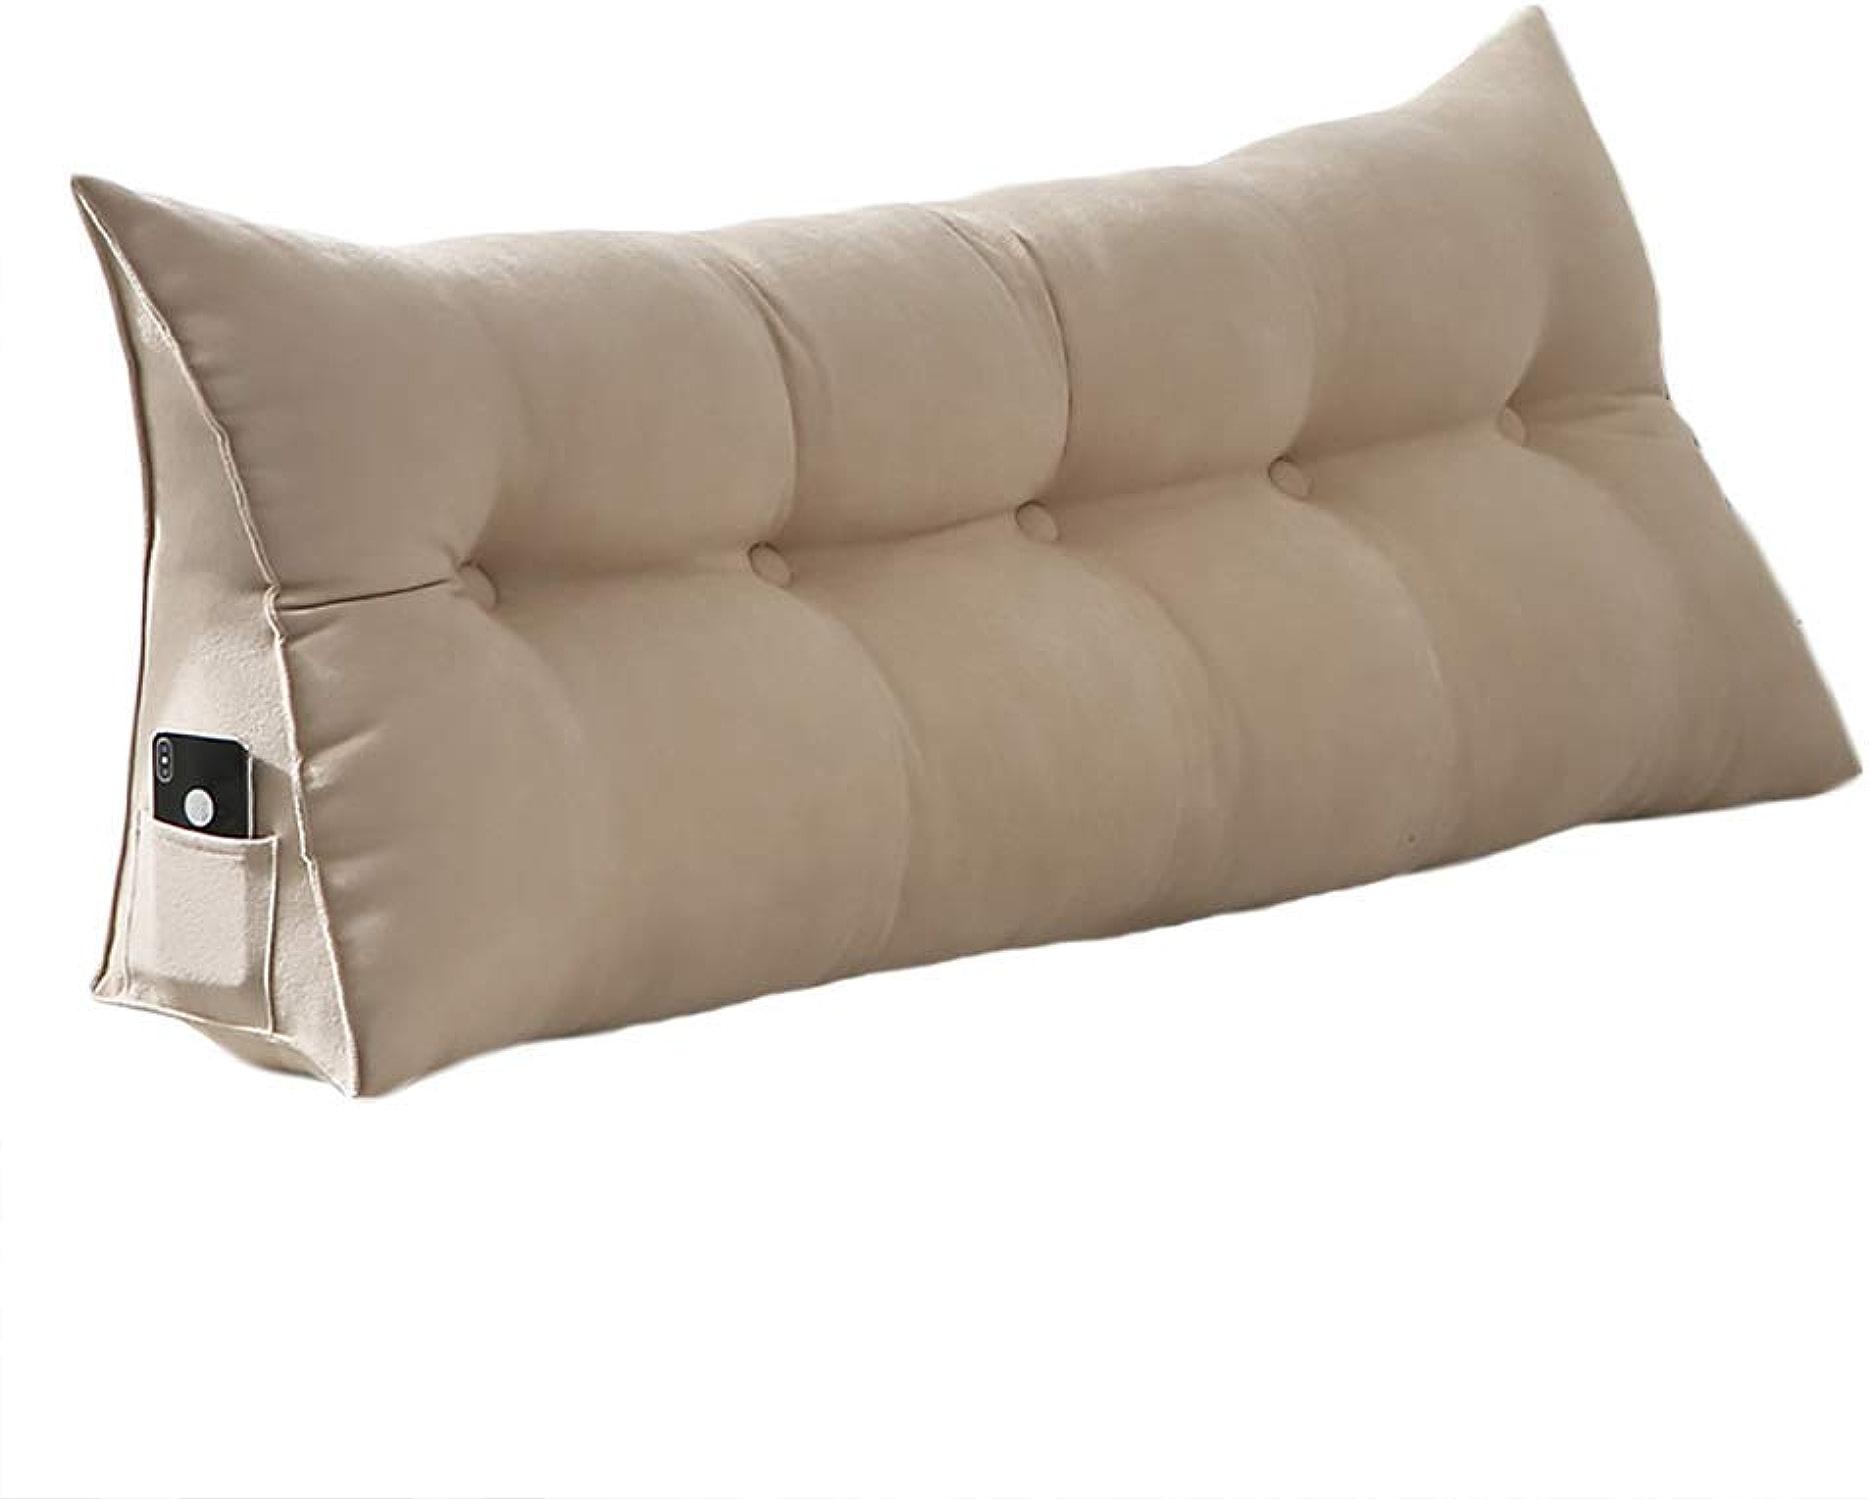 Coussin de cale triangulaire amovible pour le canapé-lit, la tête de lit, le dossier, le soucravaten de l'oreiller, le cou et le coussinet lombaire, lecture beige (taille   65  65cm)